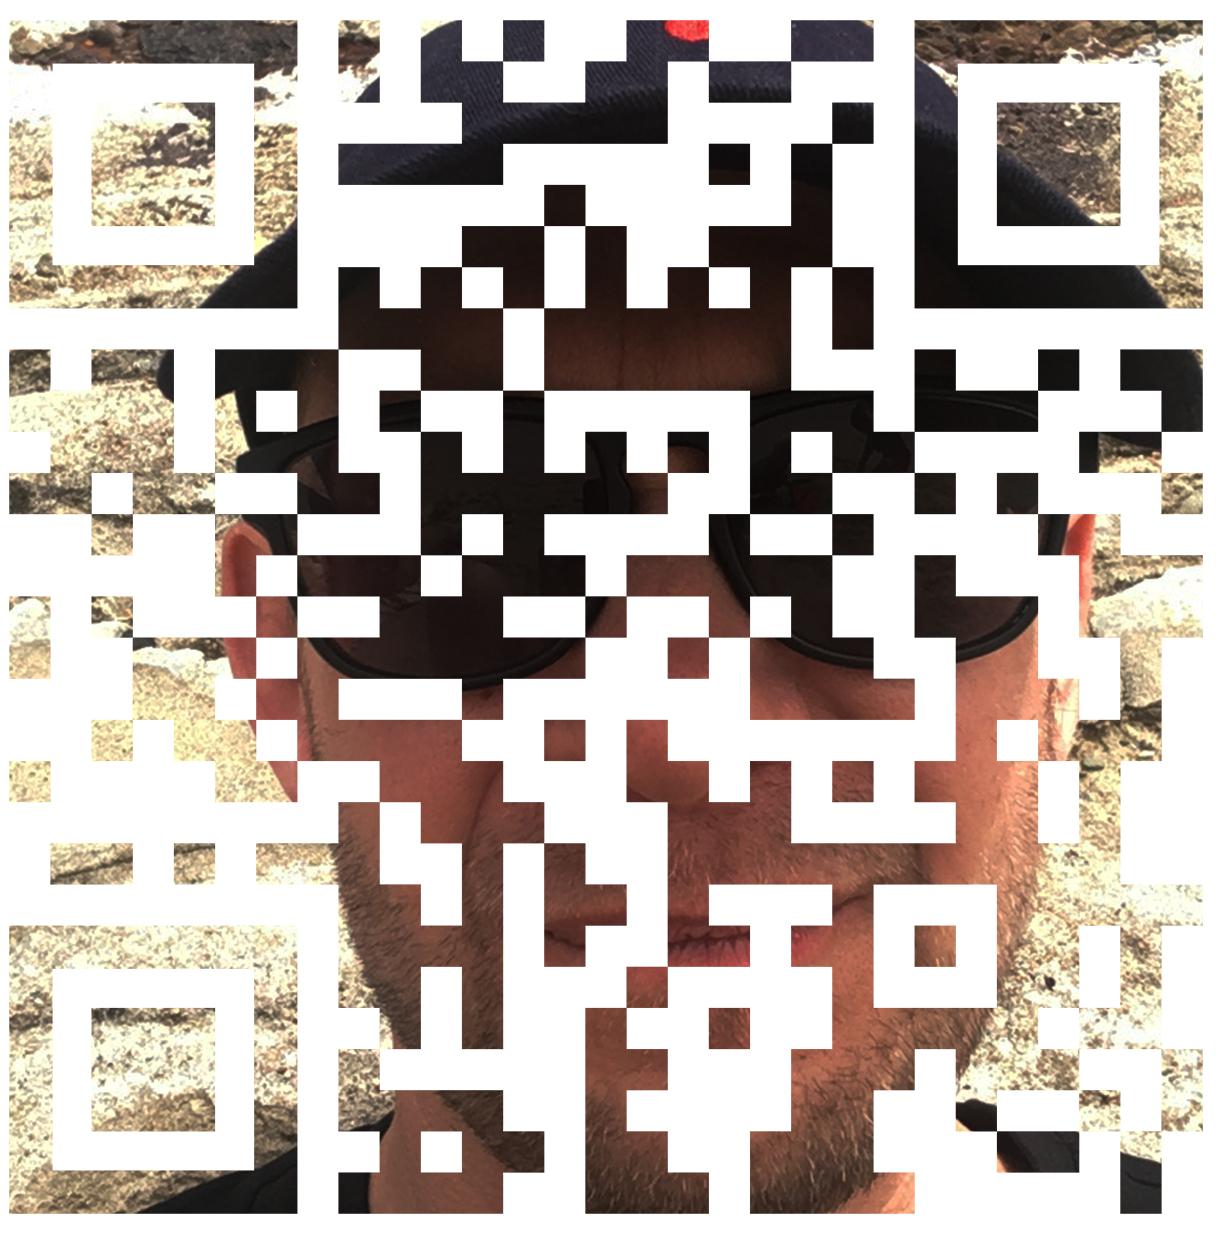 674B8B7C-5B9C-466D-A75E-2DA8B7BDAB02.JPG